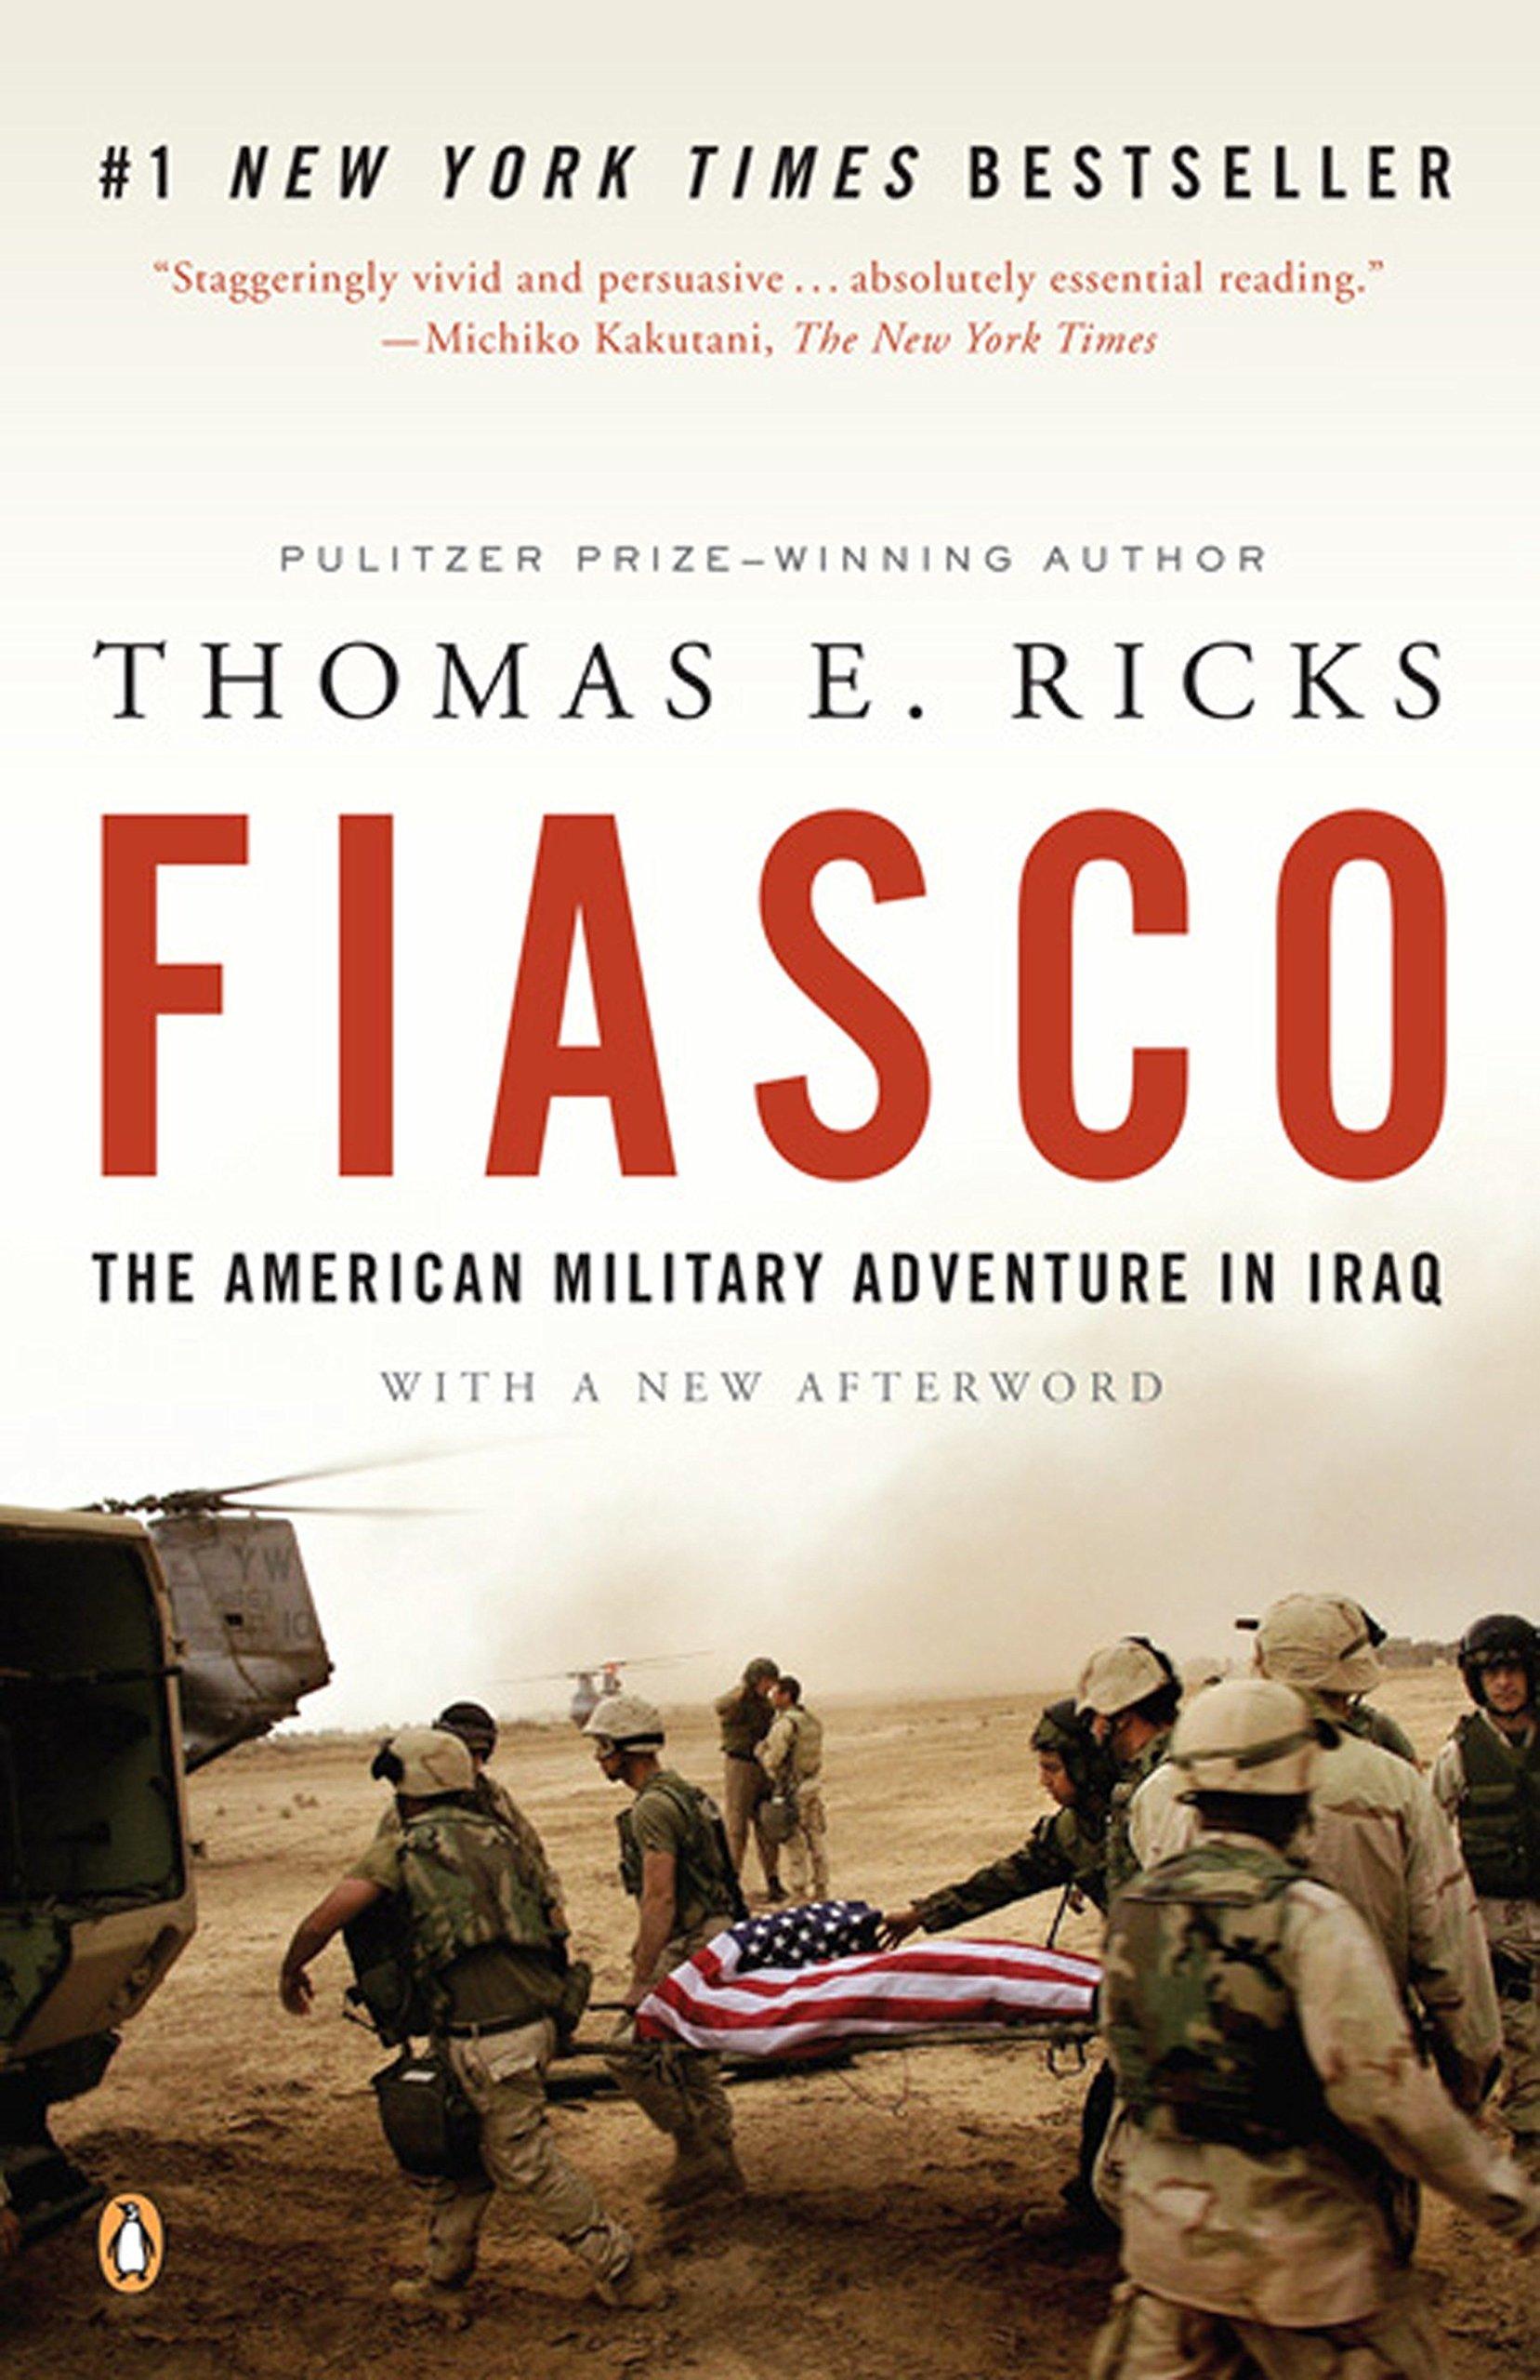 Amazon.com: Fiasco: The American Military Adventure in Iraq, 2003 to ...